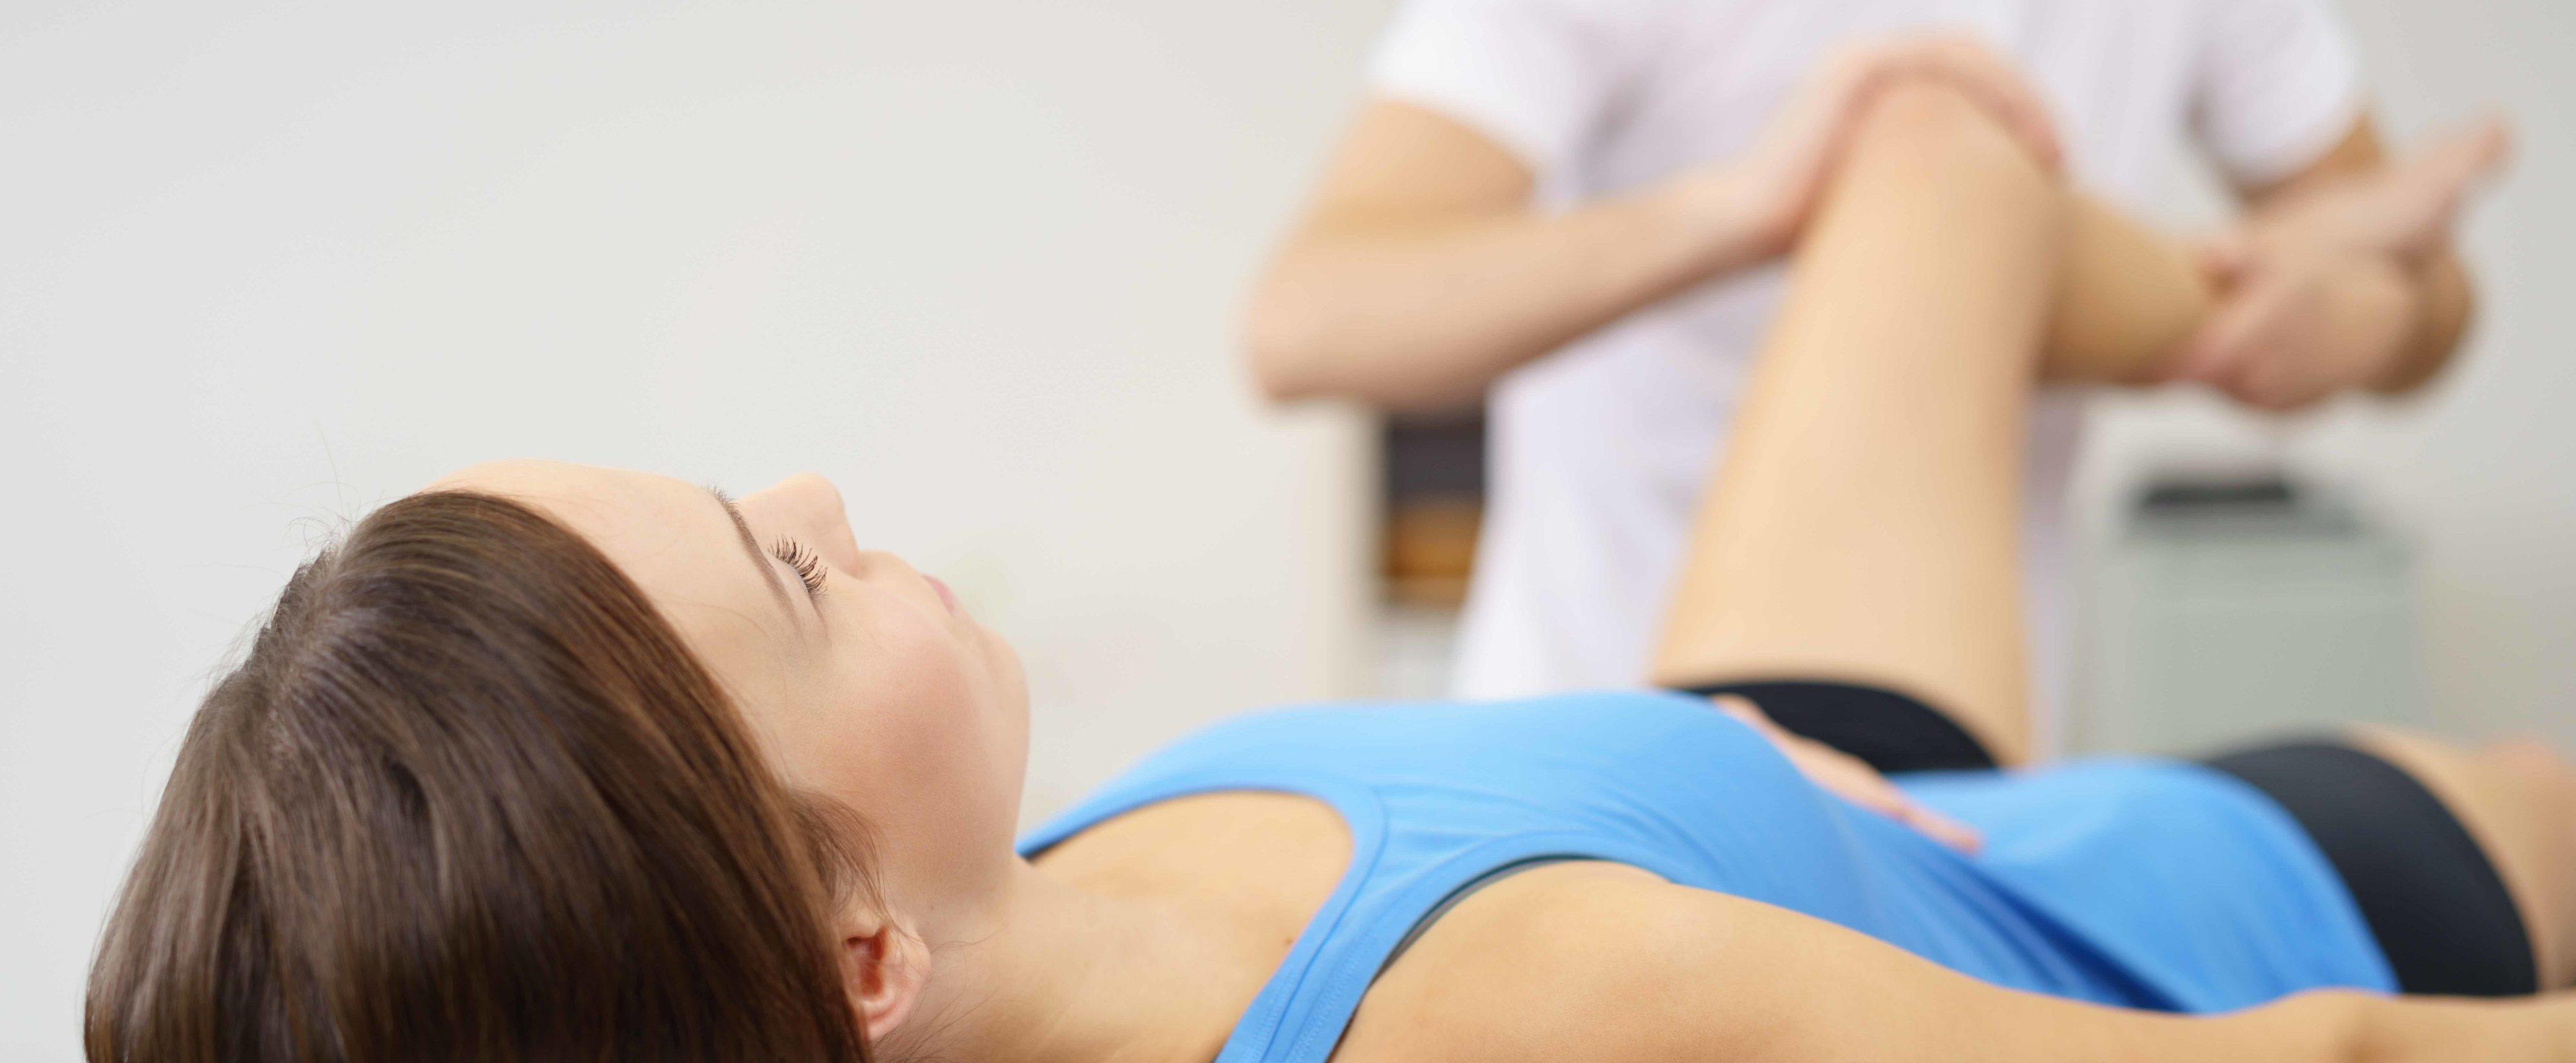 Rehabilitacja osoby dorosłej przez wyspecjalizowanego terapeutę.